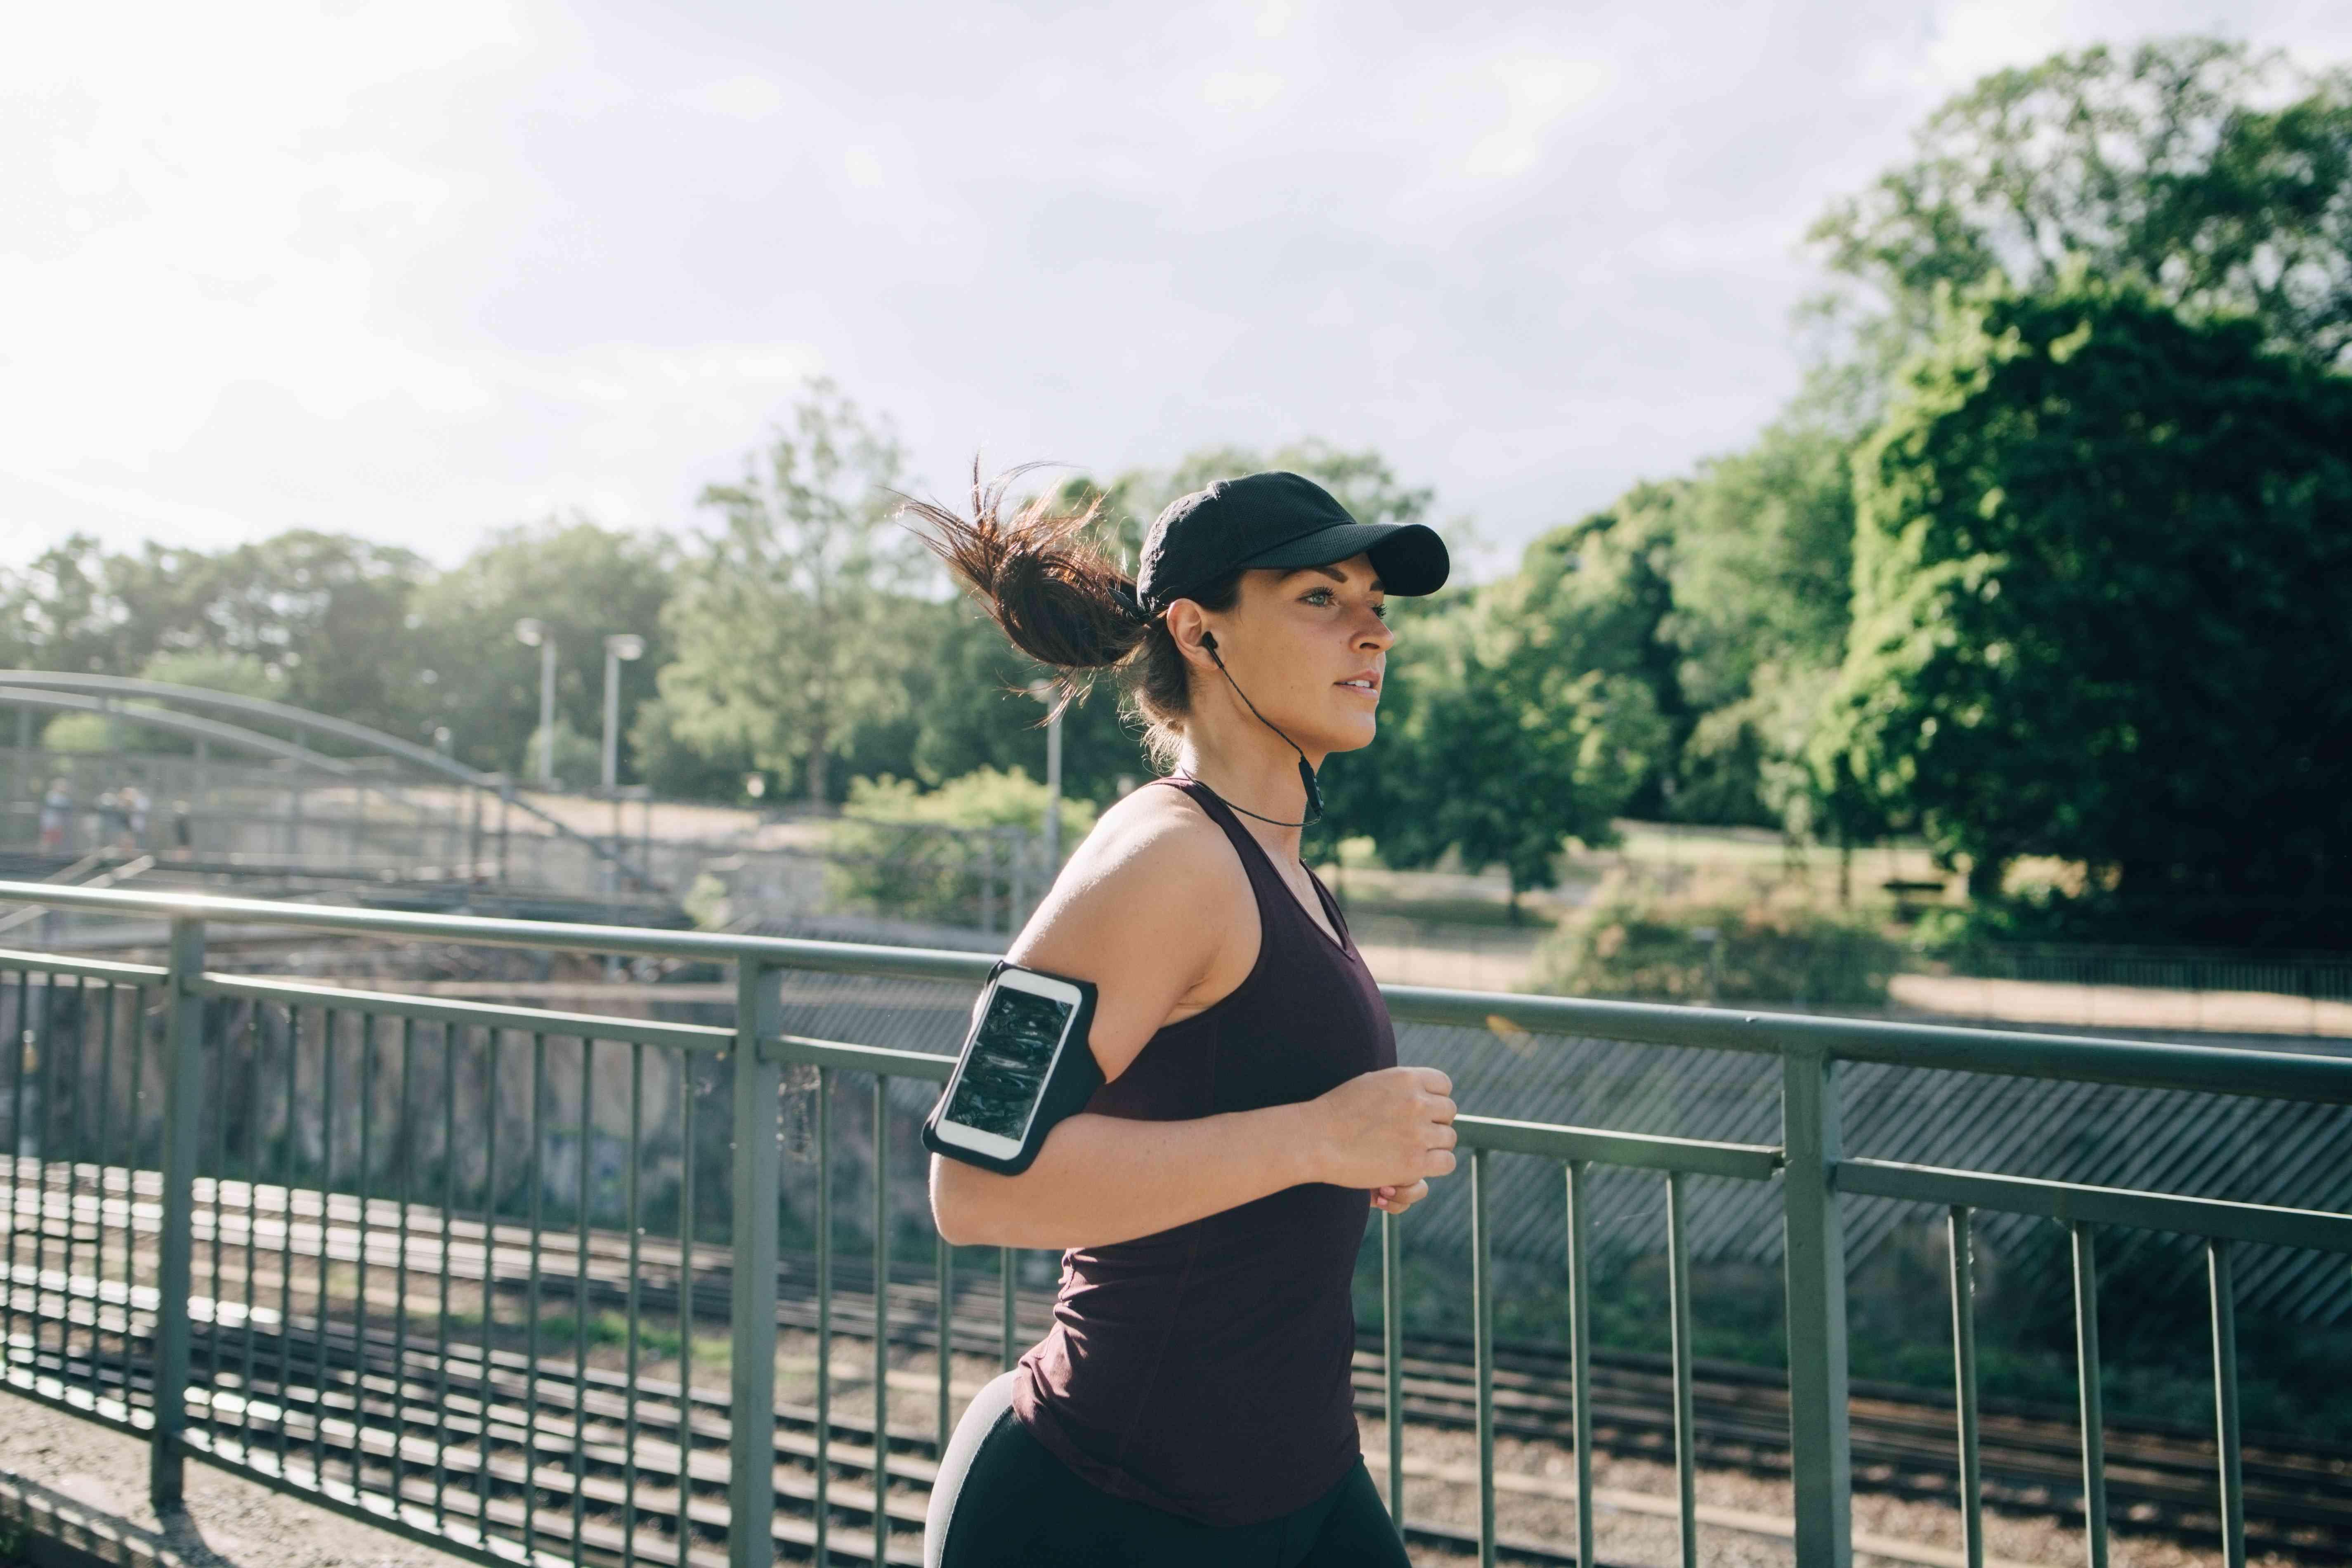 Mujer segura de sí misma corriendo sola afuera